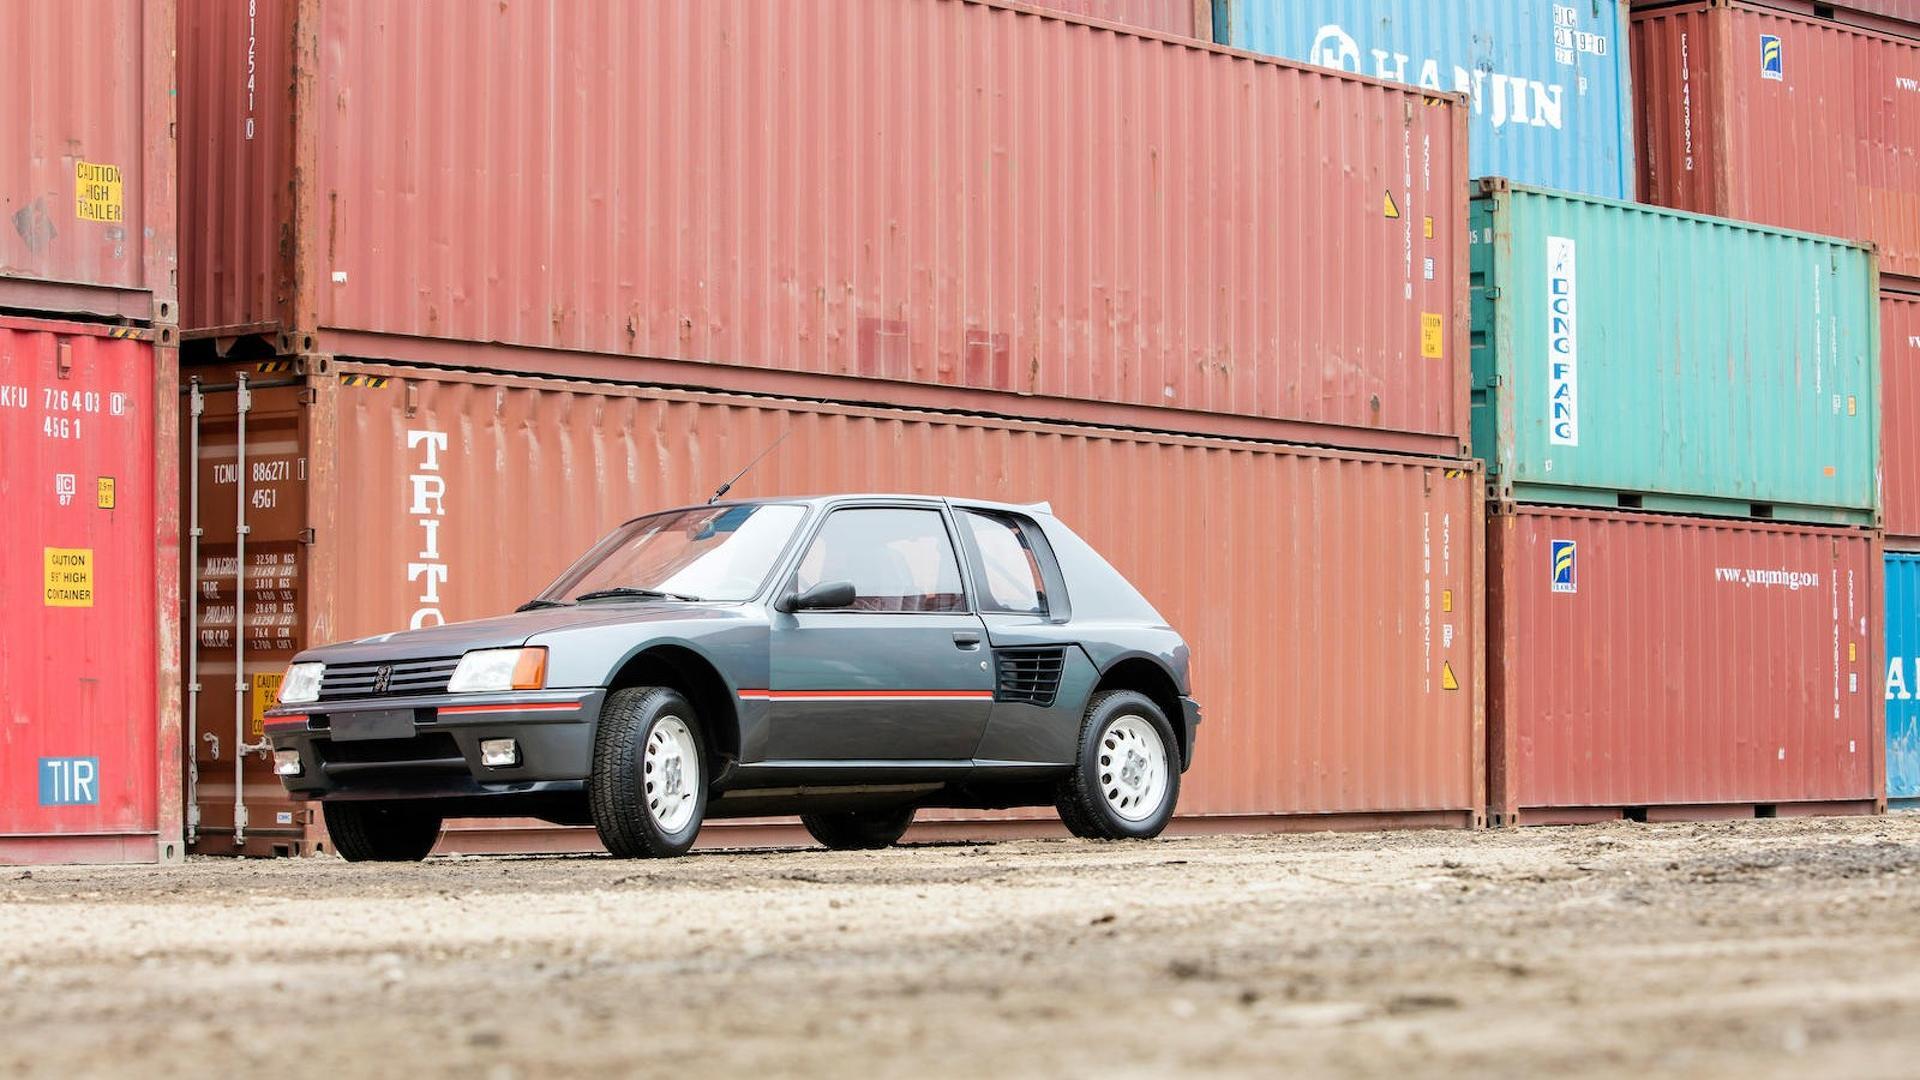 1985_Peugeot_205_Turbo_16_01